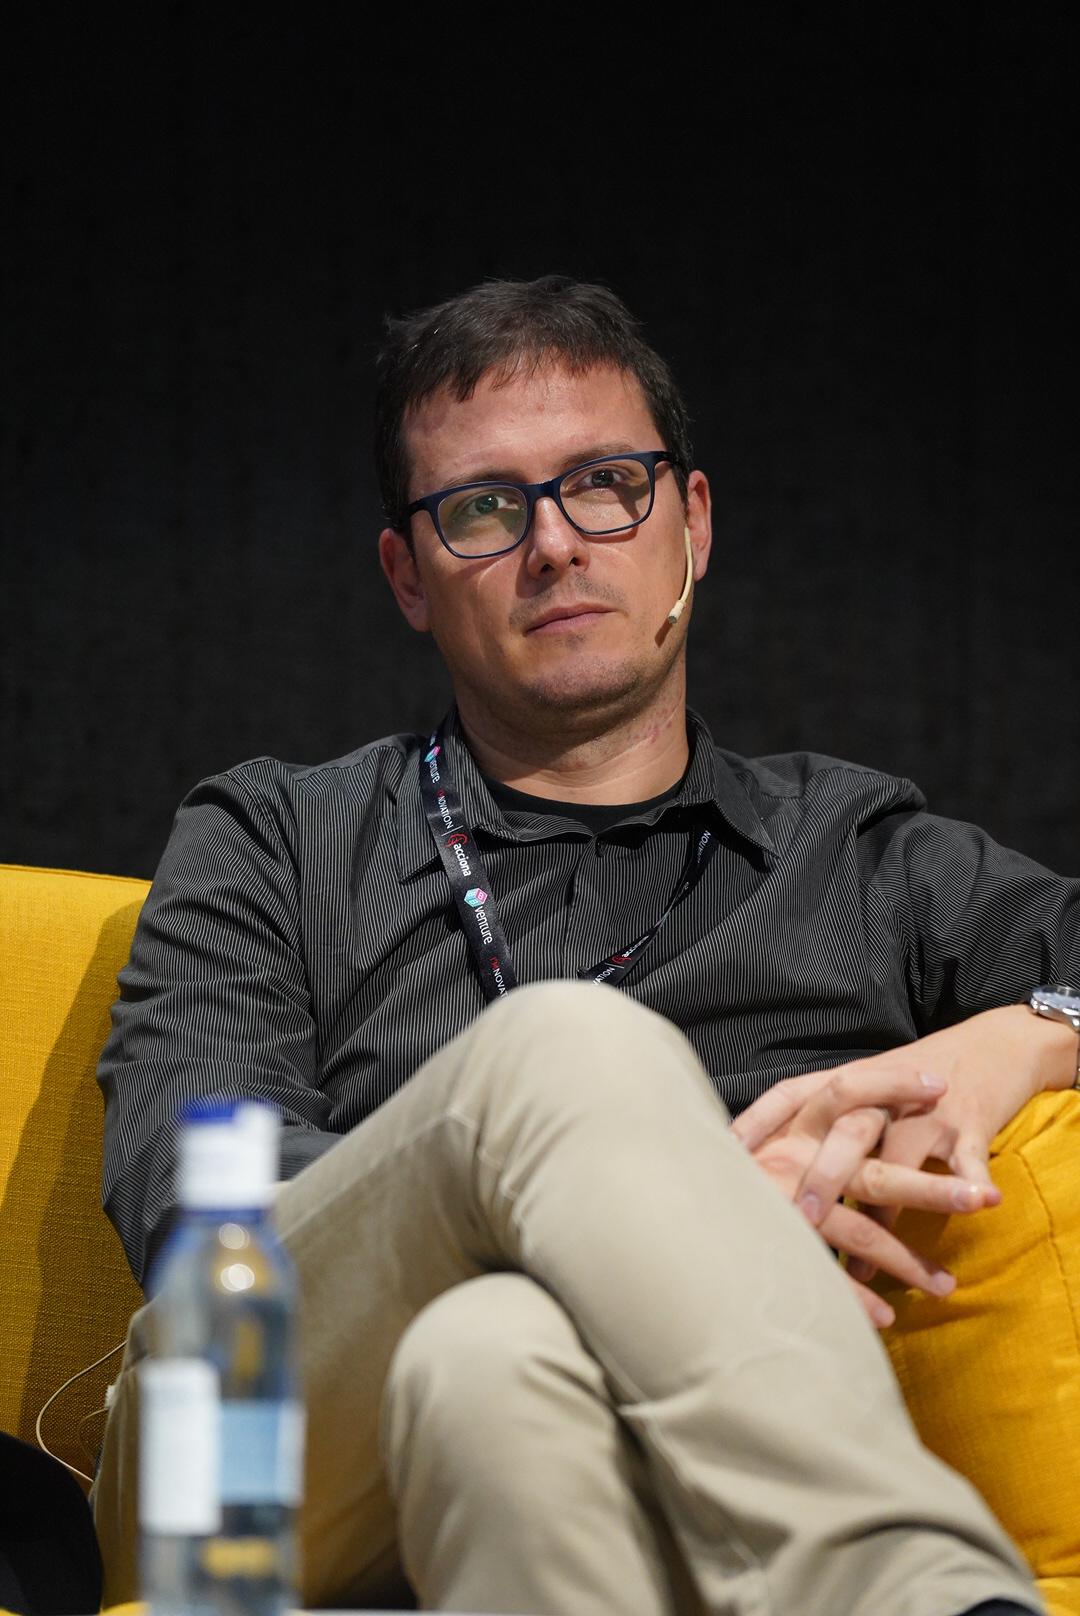 Enrique Penichet